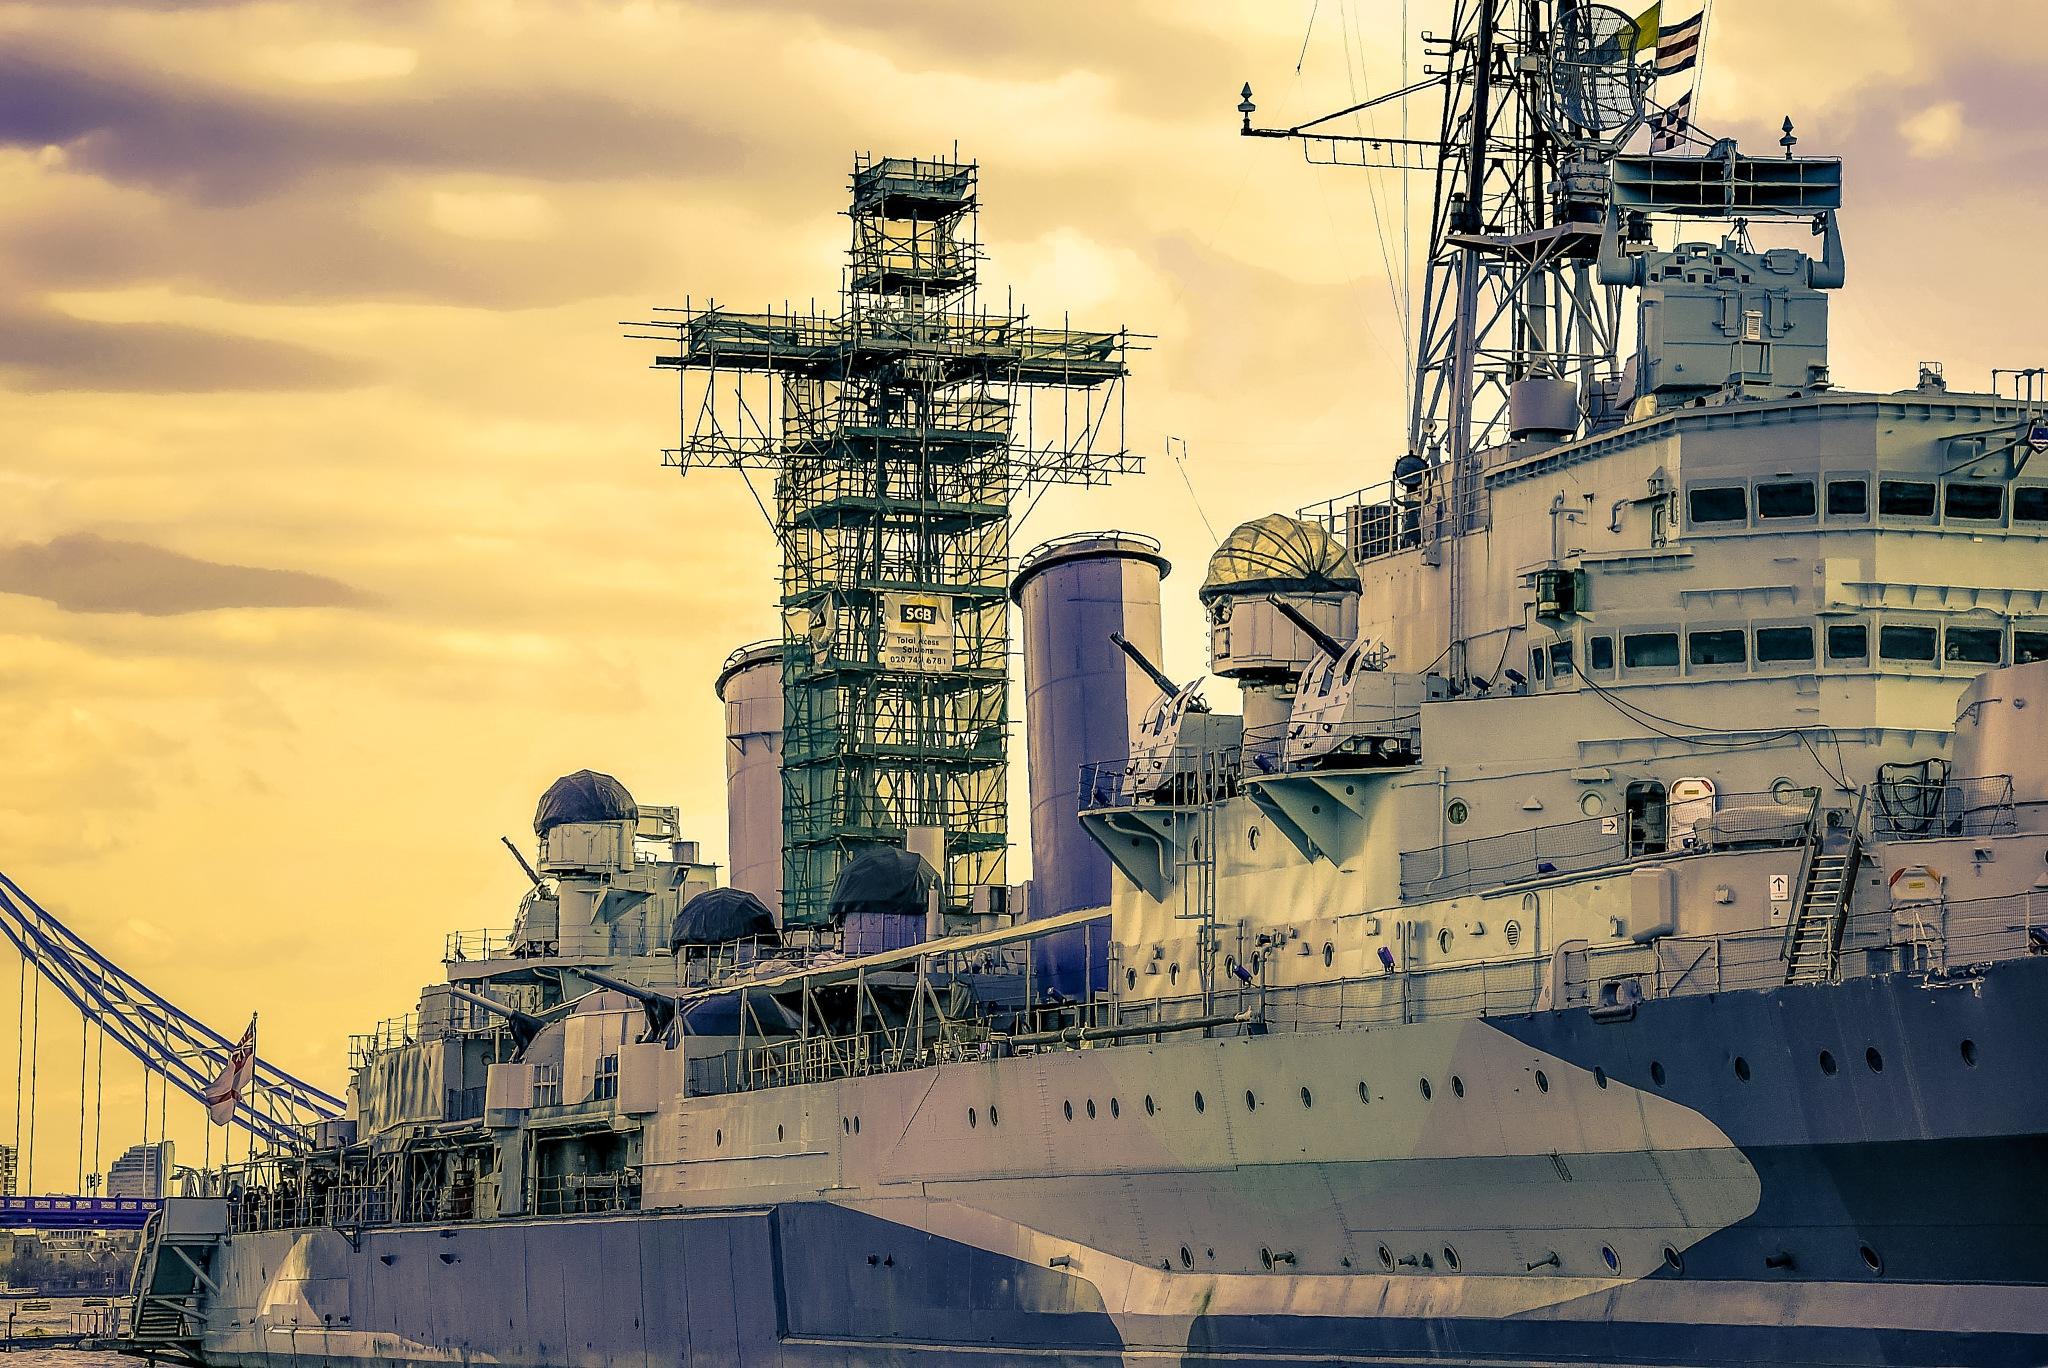 Battleship by ROBERT621